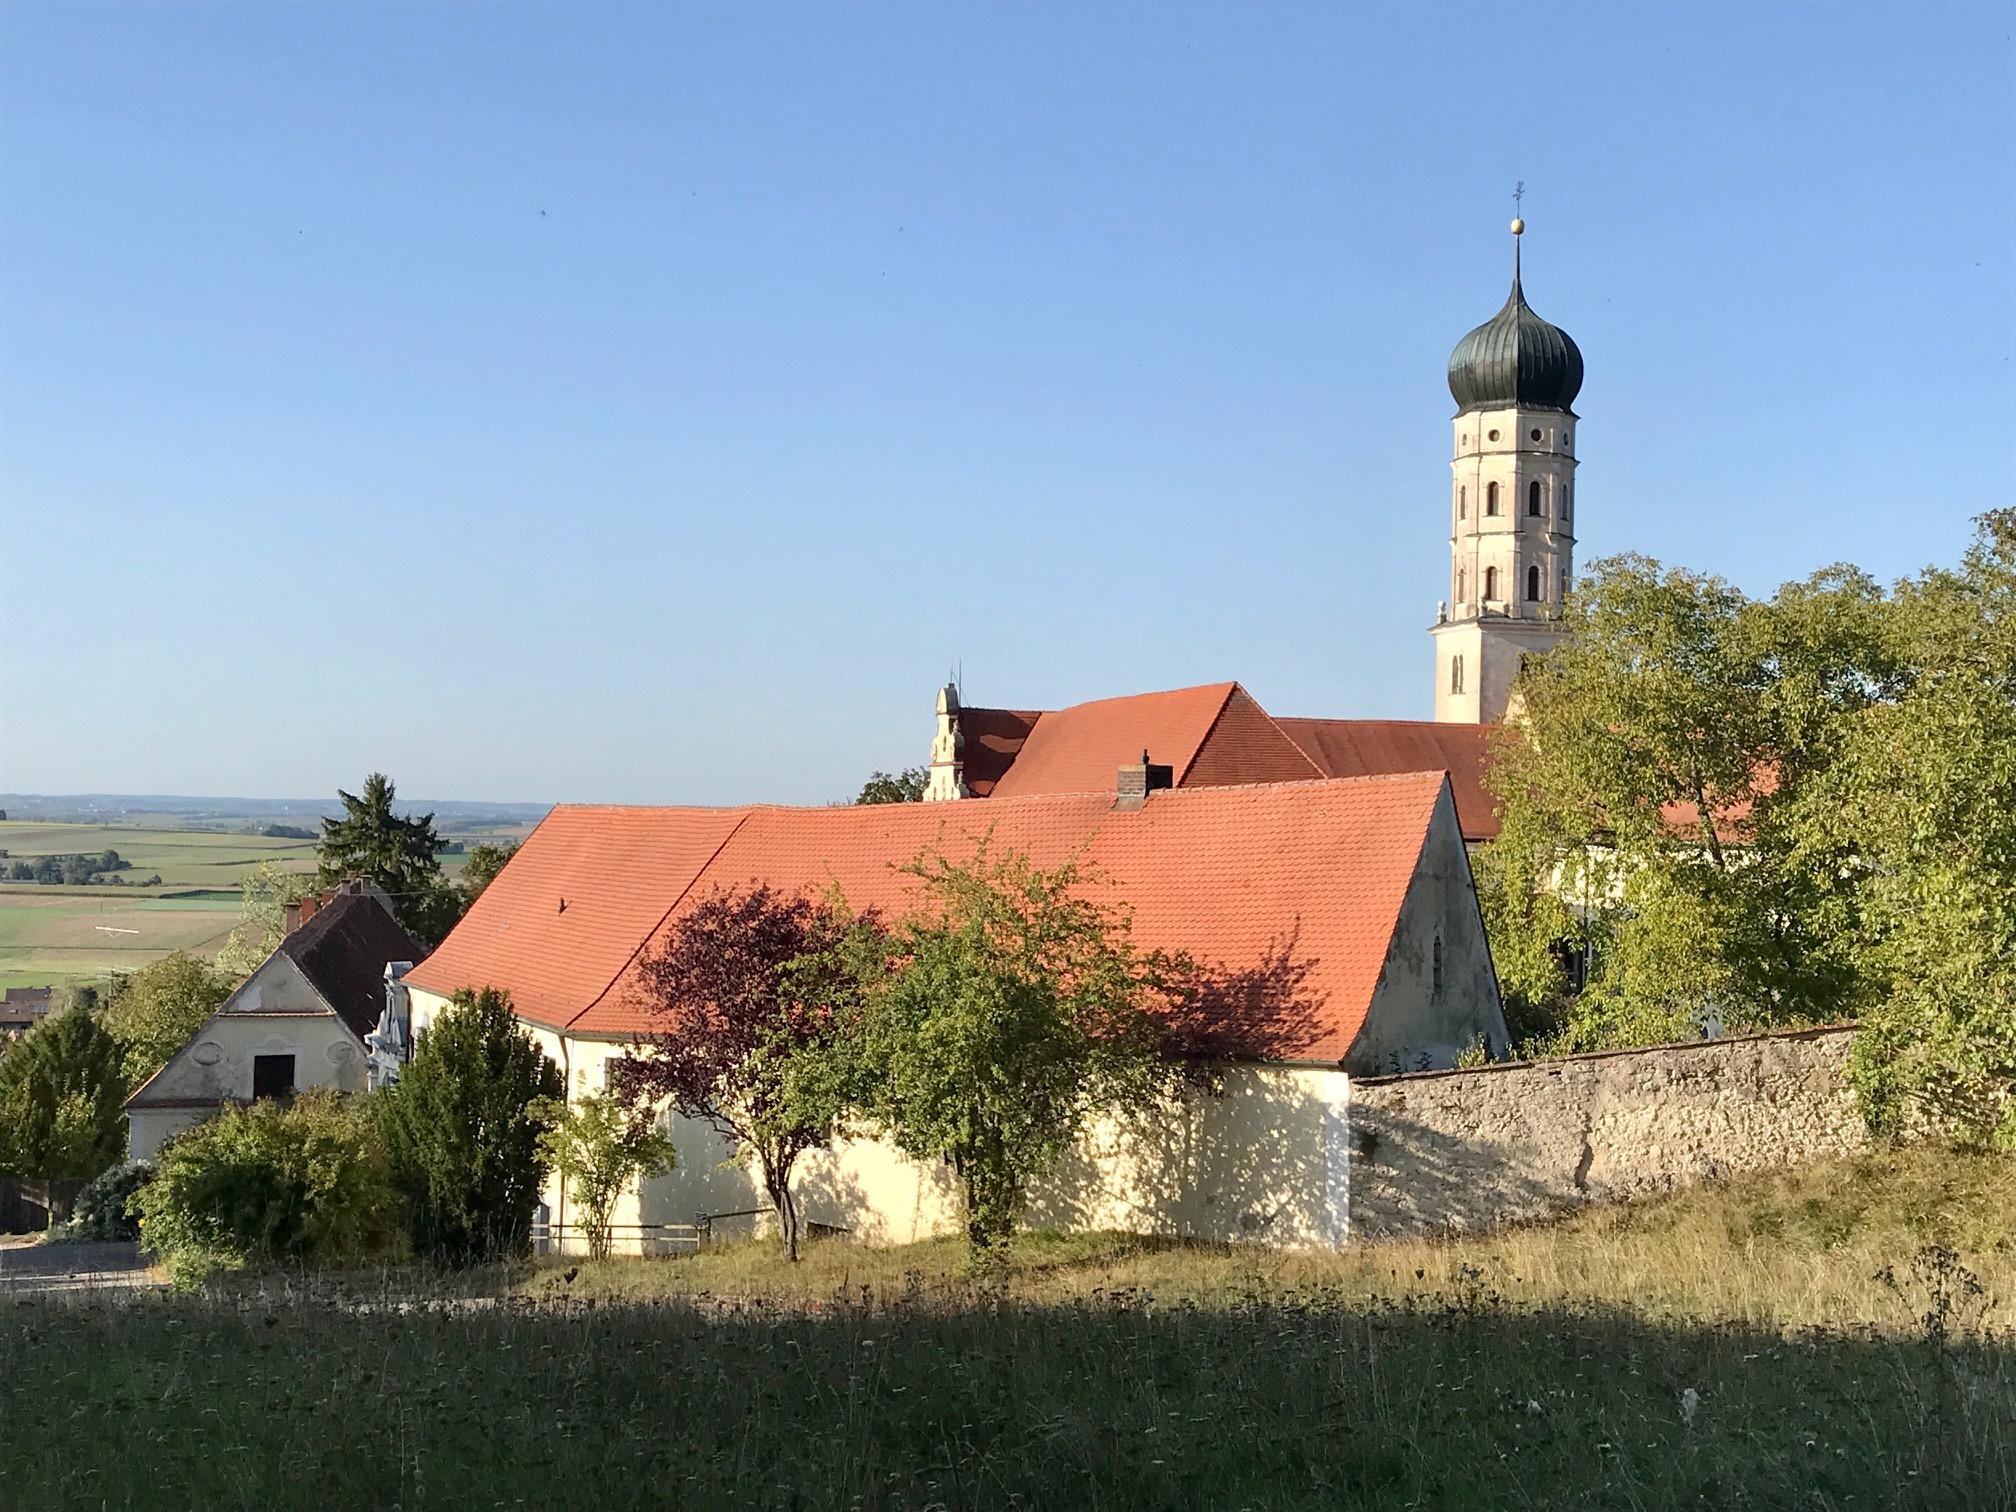 Kloster Mönchsdeggingen